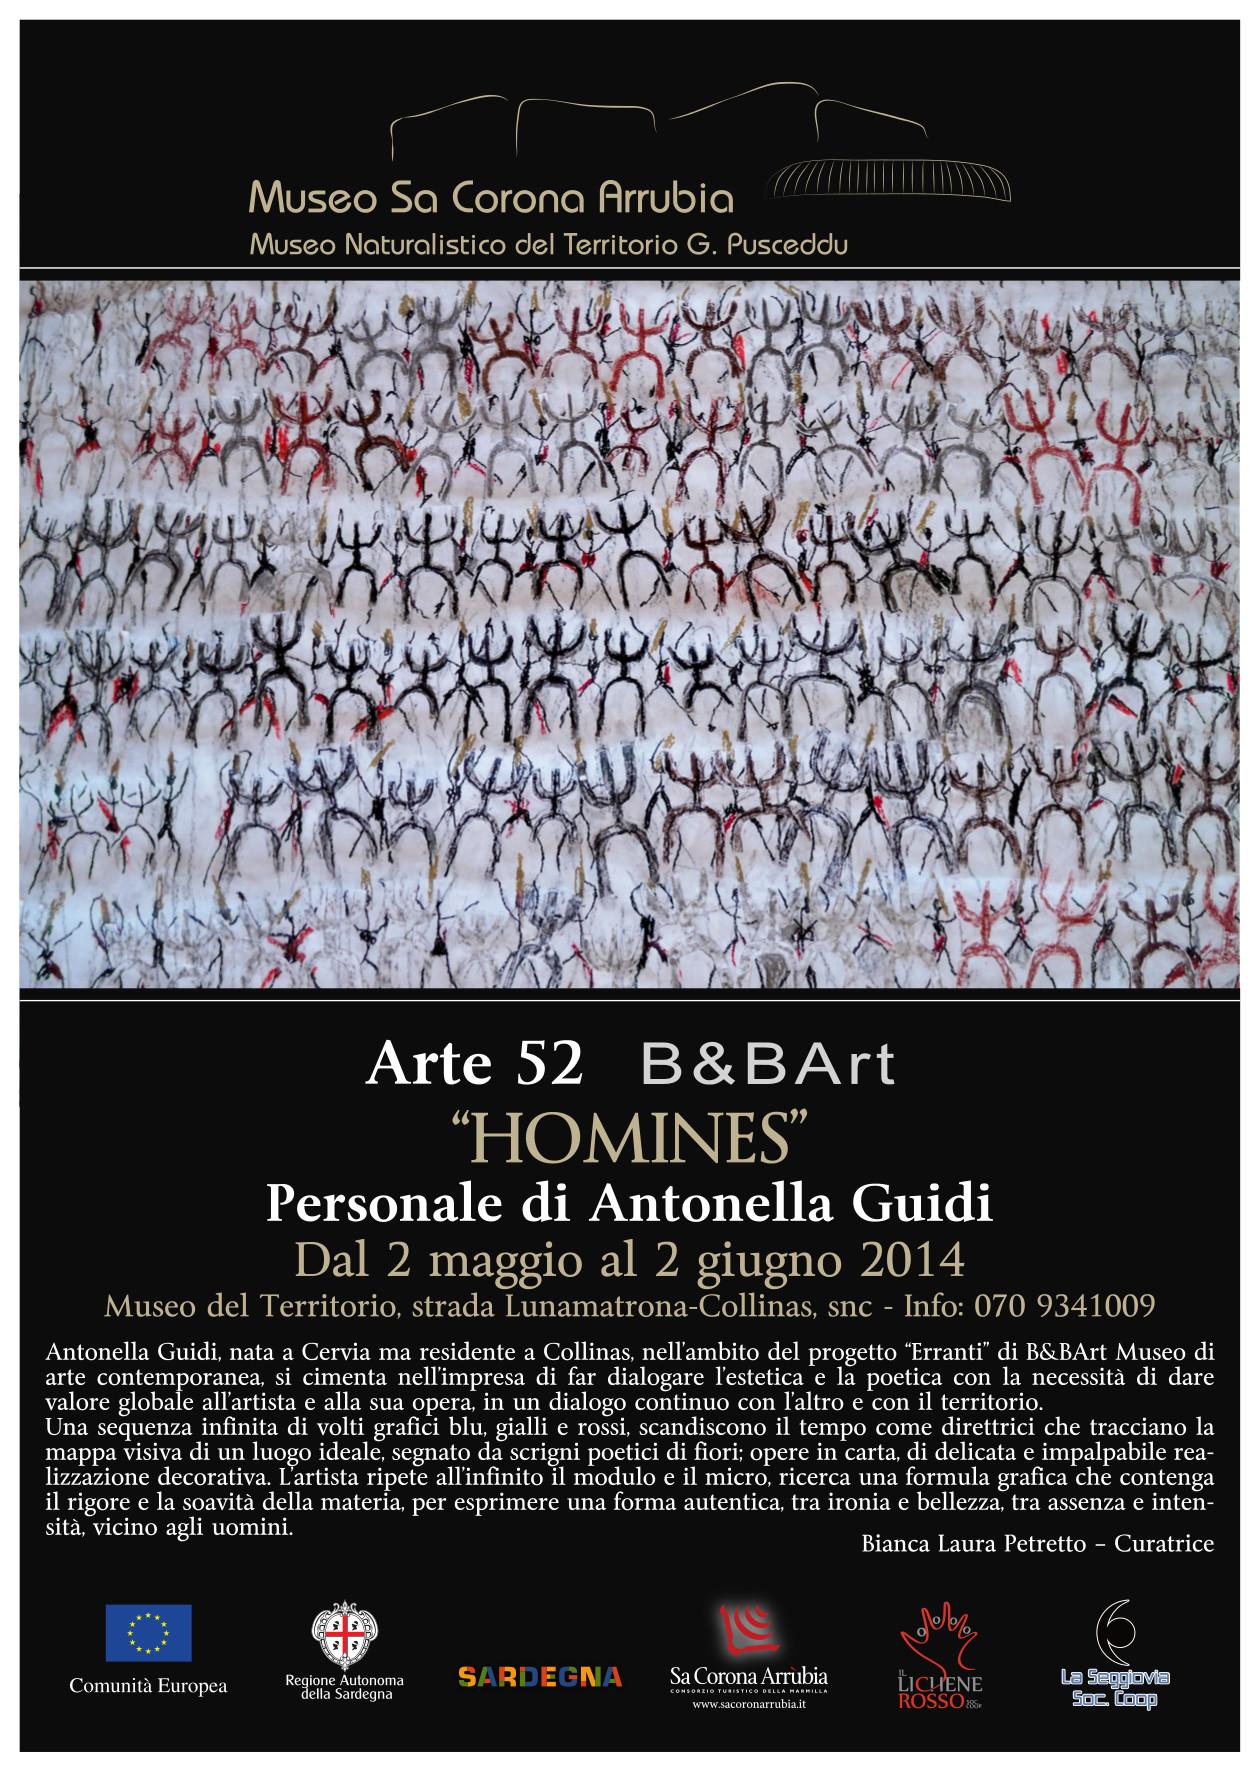 """Arte52 """"HOMINES"""" Personale di Antonella Guidi Dal 2 maggio al 2 giugno 2014 Museo naturalistico del territorio """"G. Pusceddu"""" Strada Lunamatrona-Collinas"""